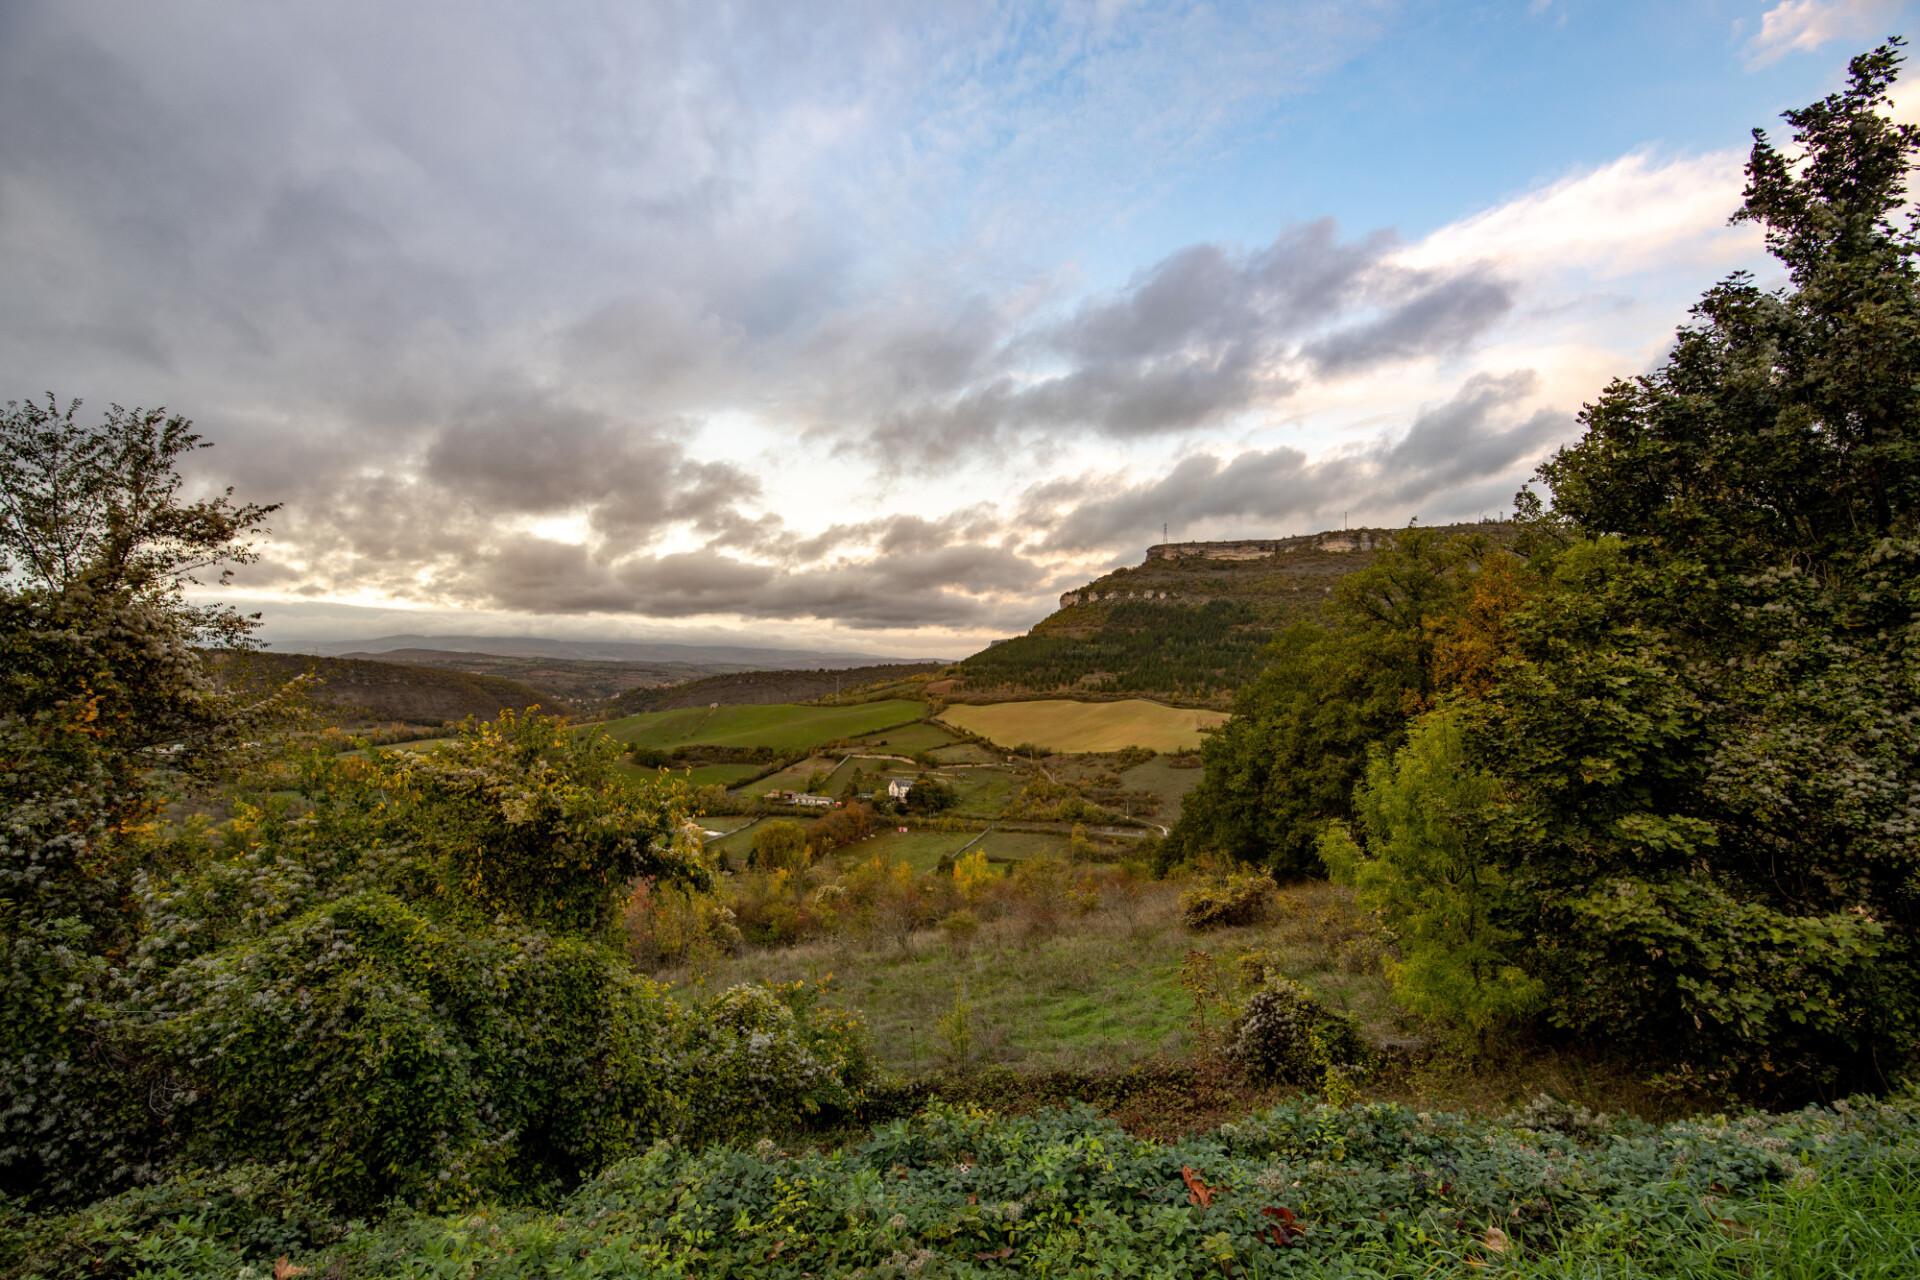 Montgros Chapeauroux Landscape in France